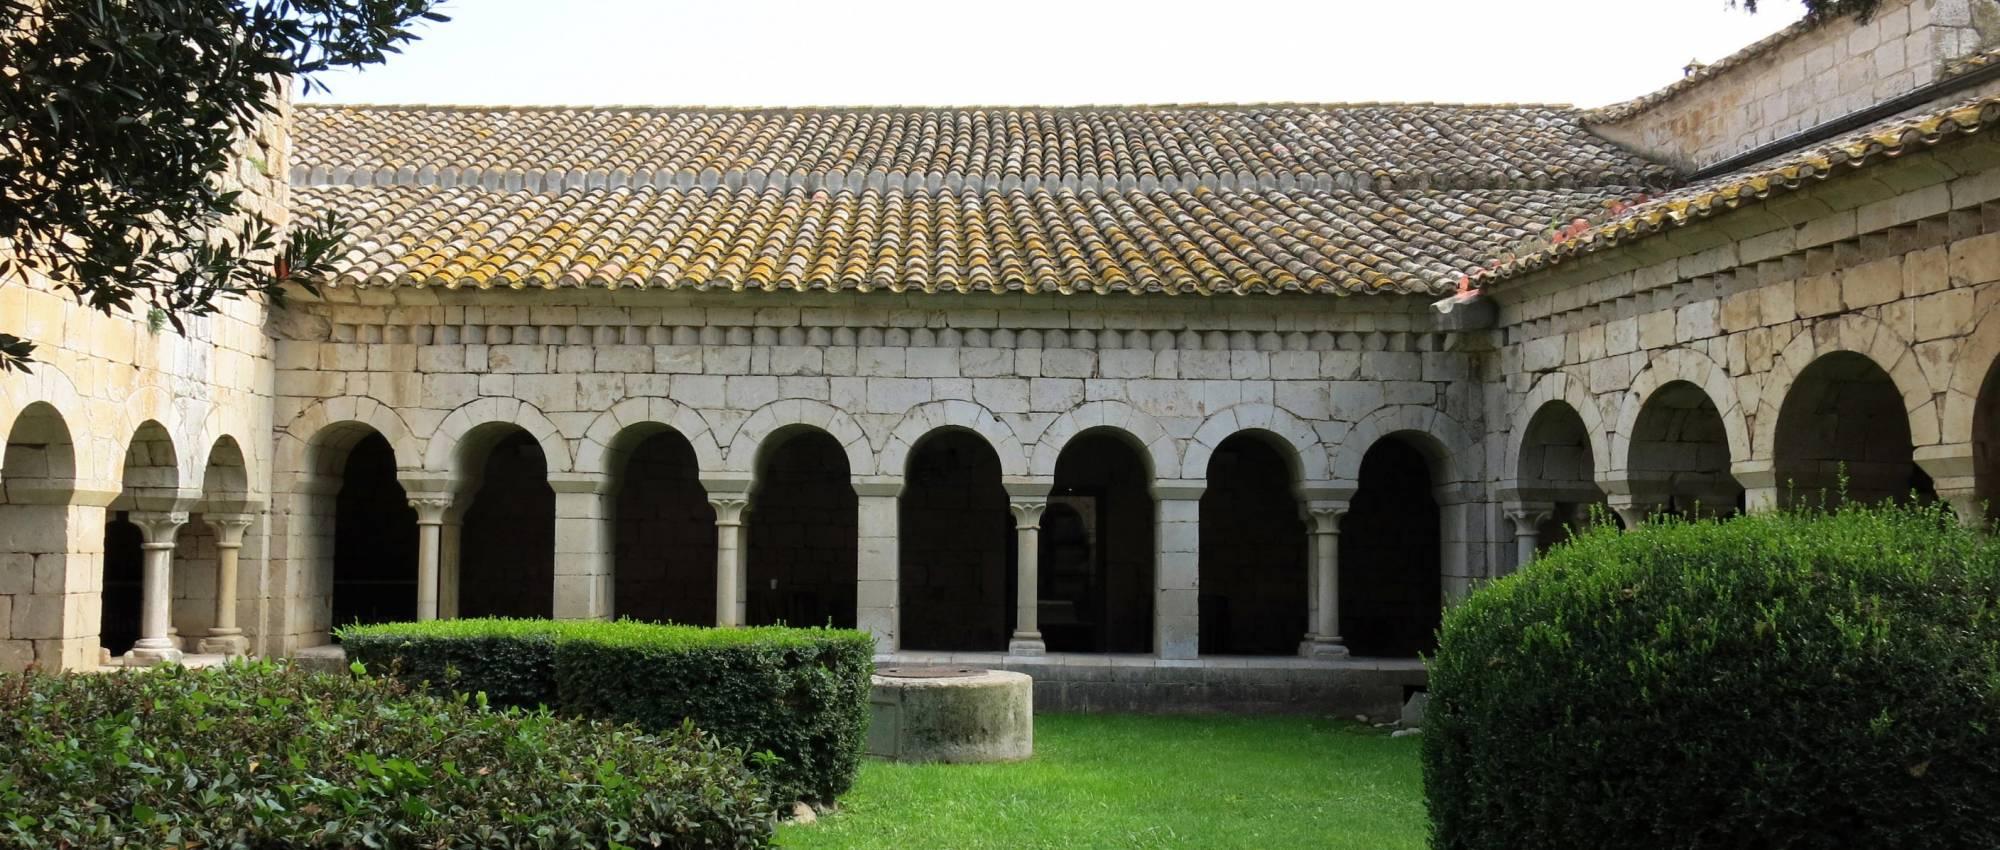 El claustre vist des de la galeria nord. Enfo / Wikimedia Commons. CC BY-SA 4.0